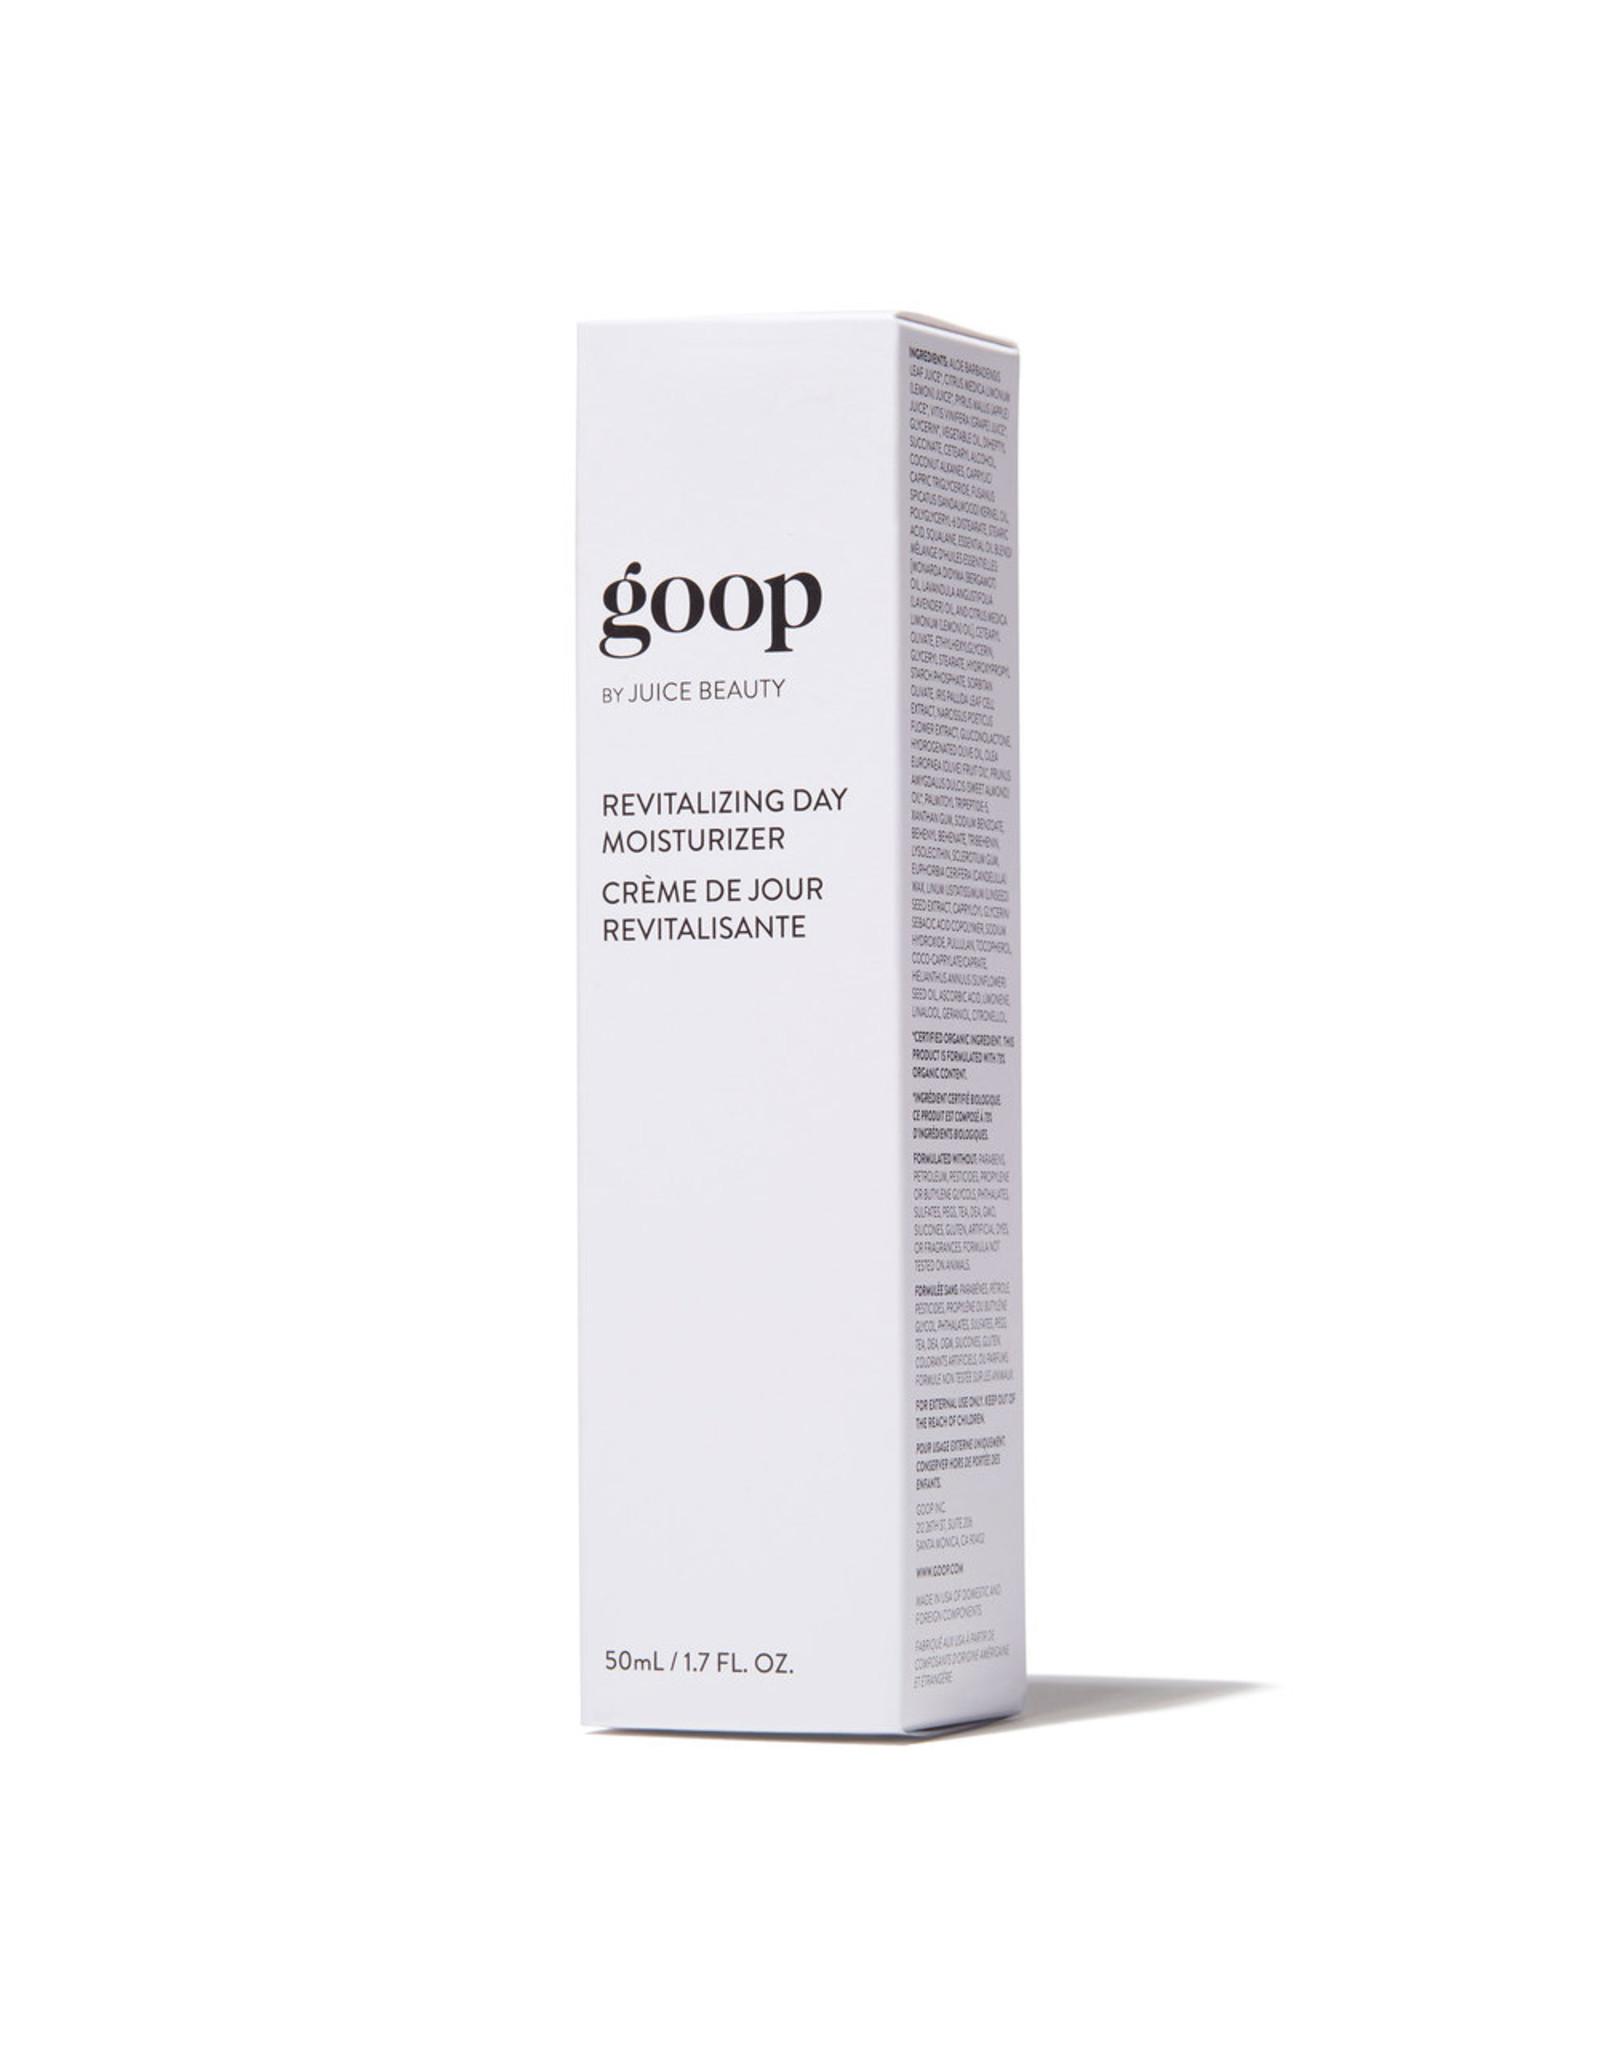 Goop by Juice Beauty goop Beauty Revitalizing Day Moisturizer